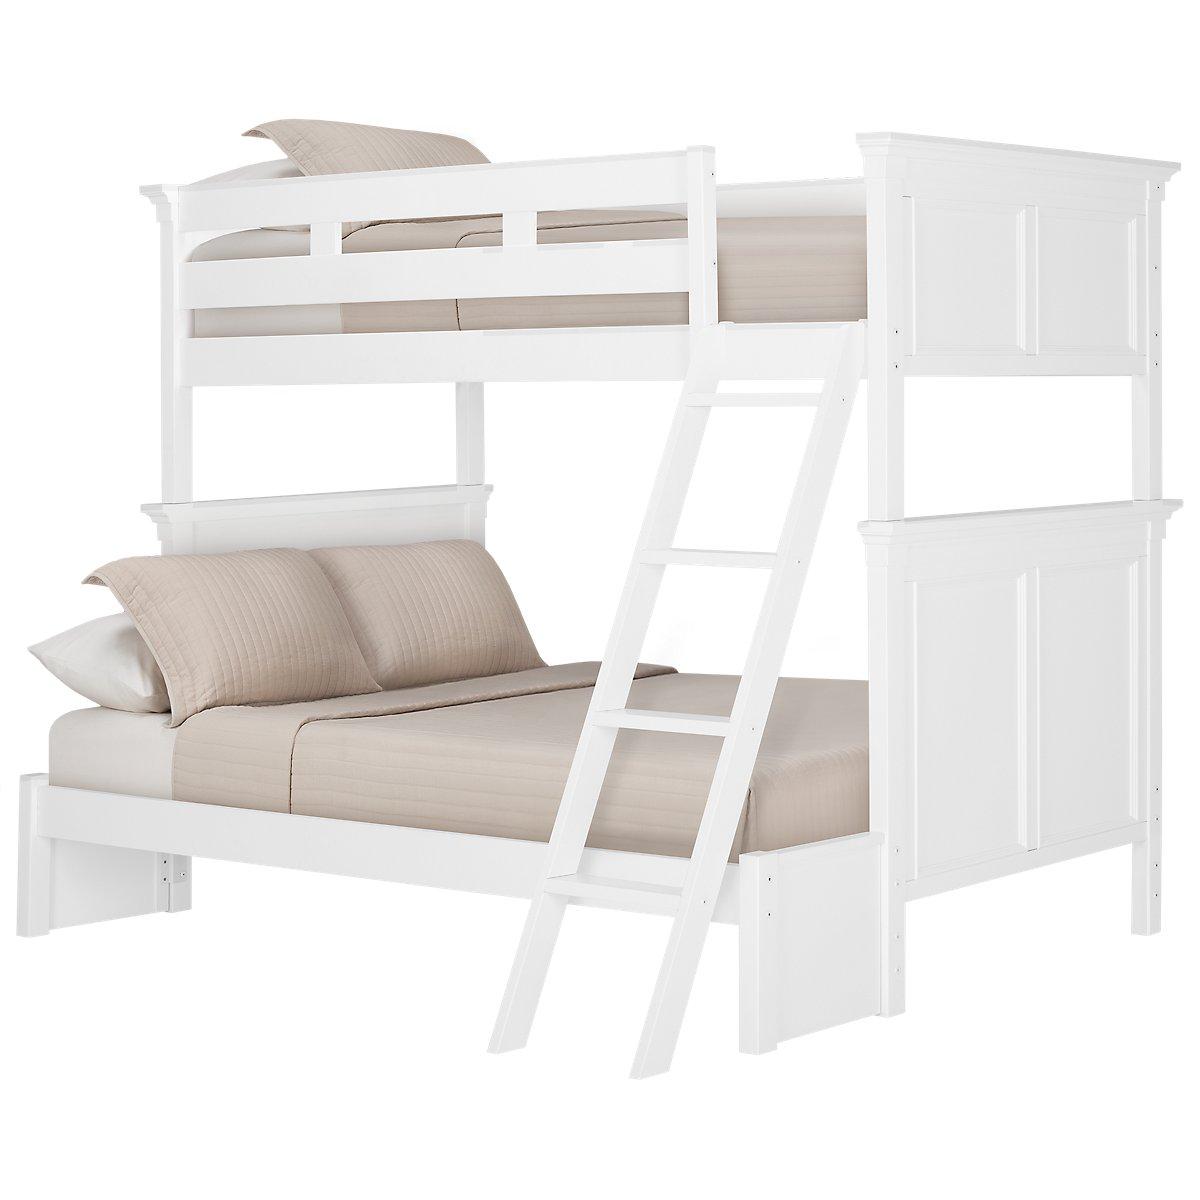 Tamara White Wood Bunk Bed   Baby & Kids - Bunk Beds ...